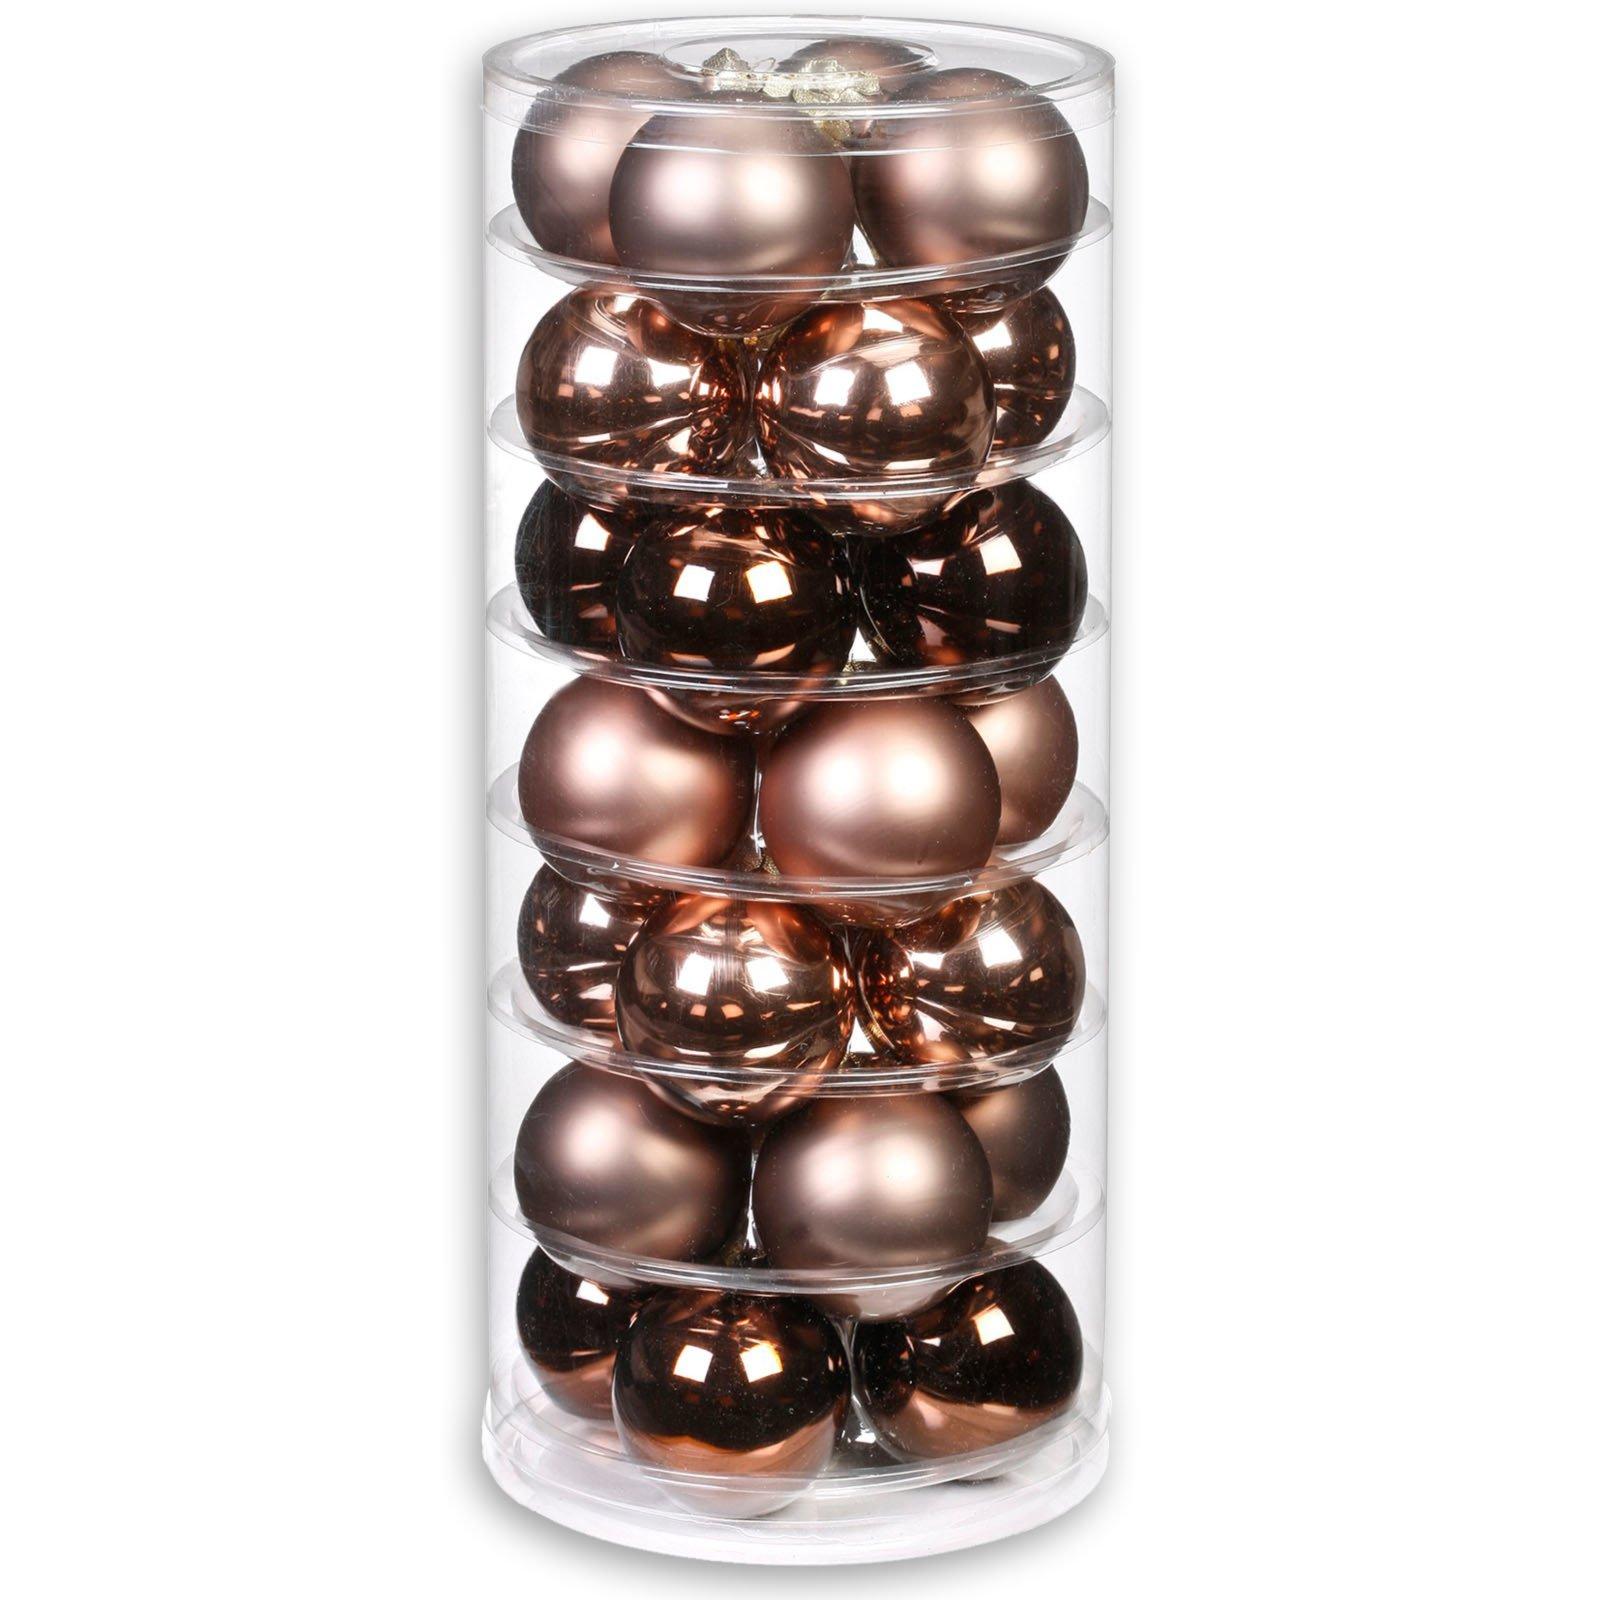 christbaumkugeln beige braun glas 28 st ck 6 cm weihnachtsbaumschmuck. Black Bedroom Furniture Sets. Home Design Ideas